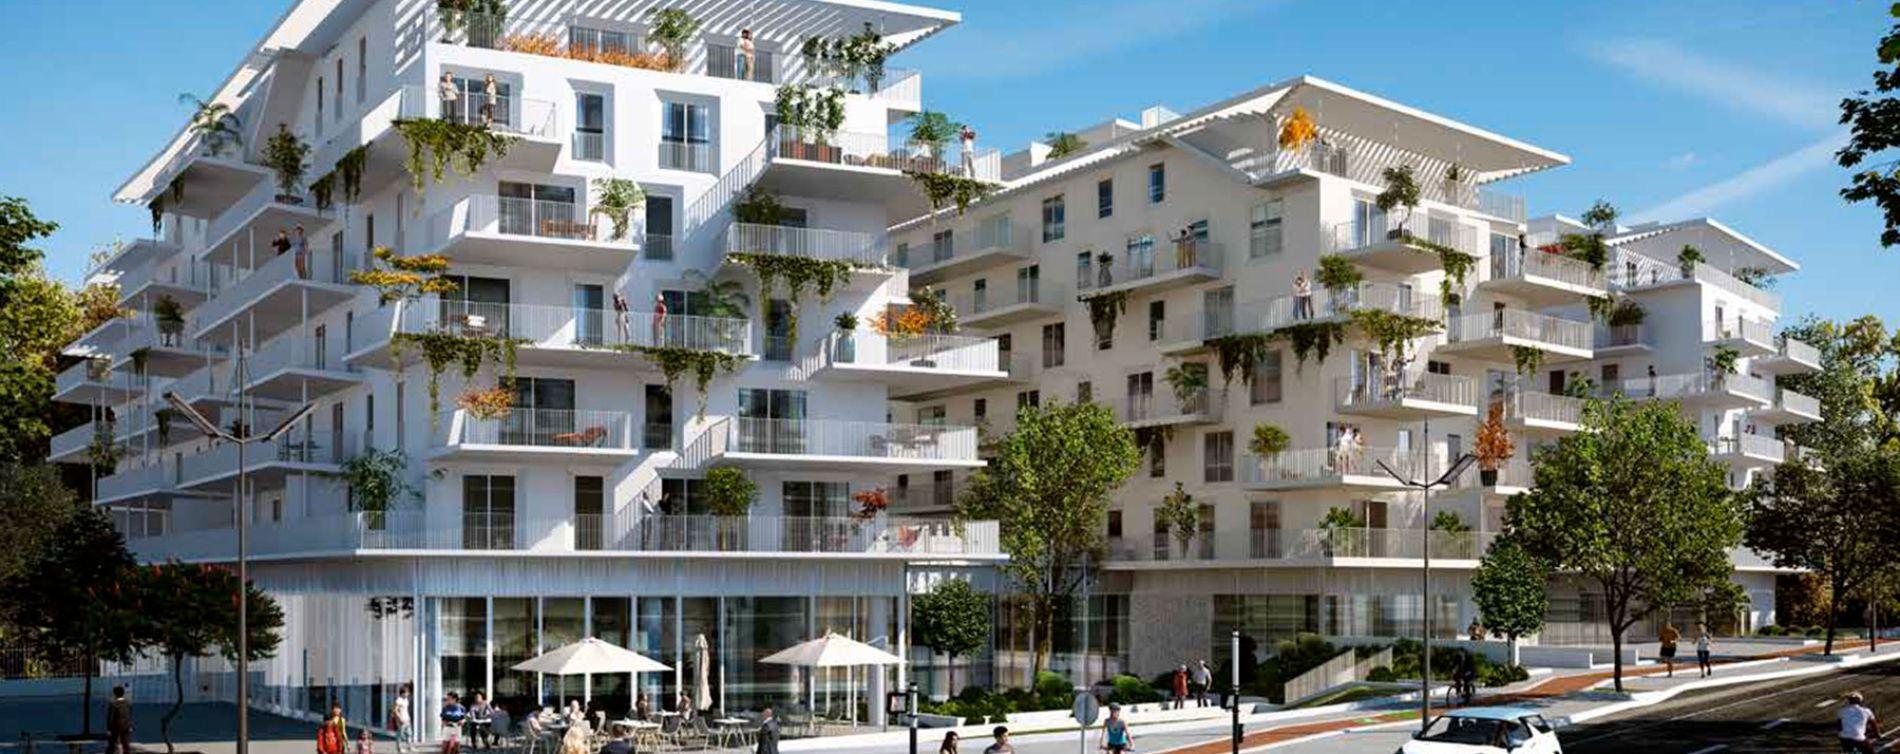 Résidence Signature - 9ème arrondissement à Marseille